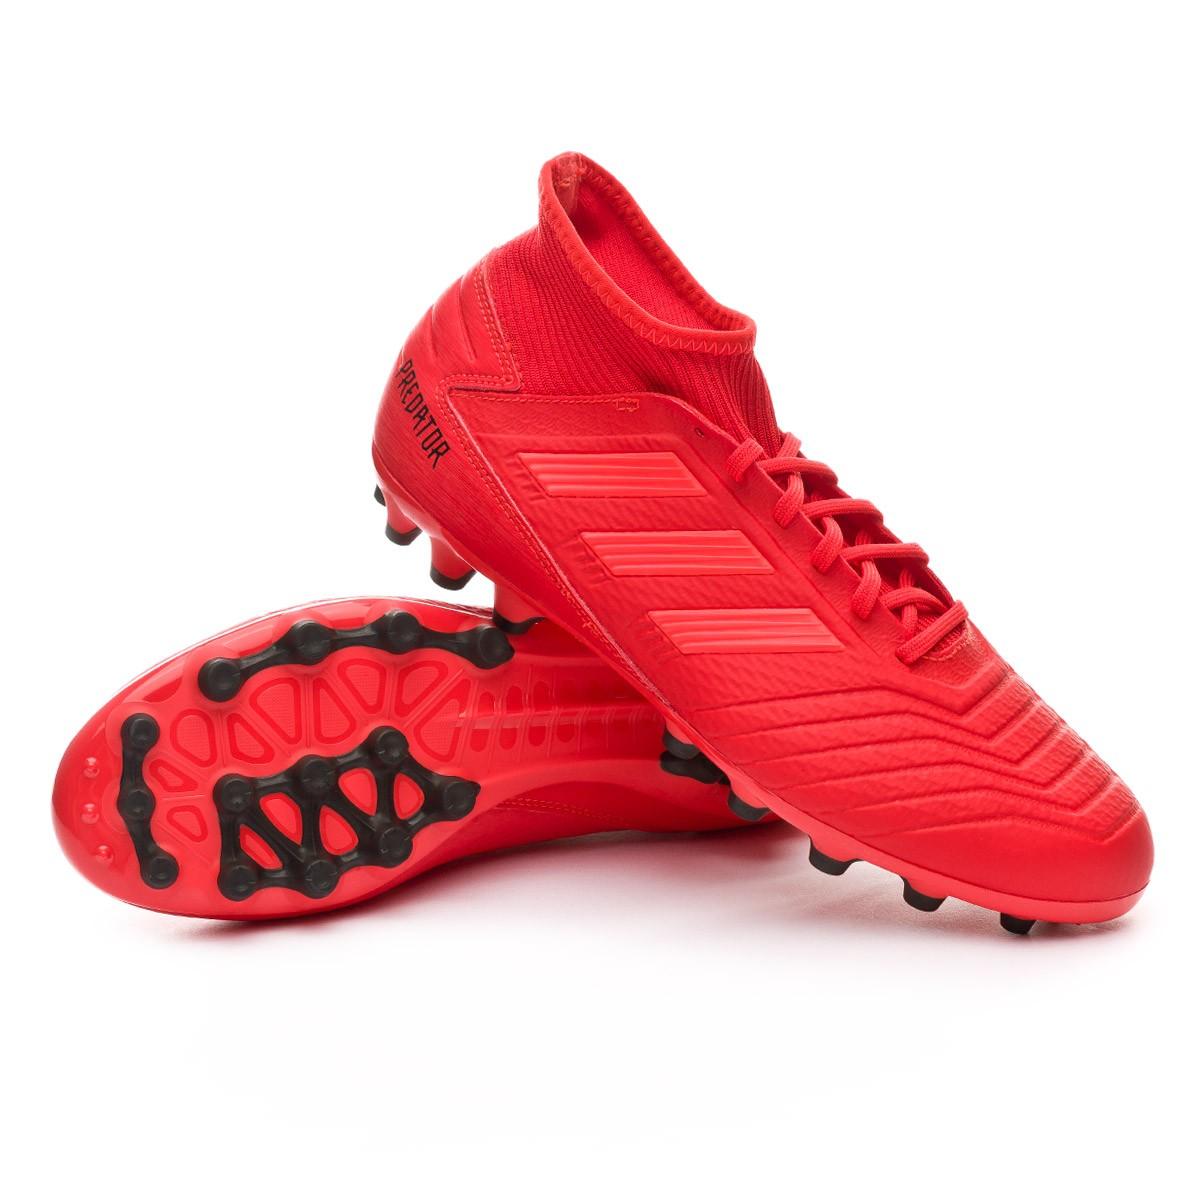 5d4e9dd5f7bc13 Scarpe adidas Predator 19.3 AG Active red-Solar red-Core black - Negozio di  calcio Fútbol Emotion